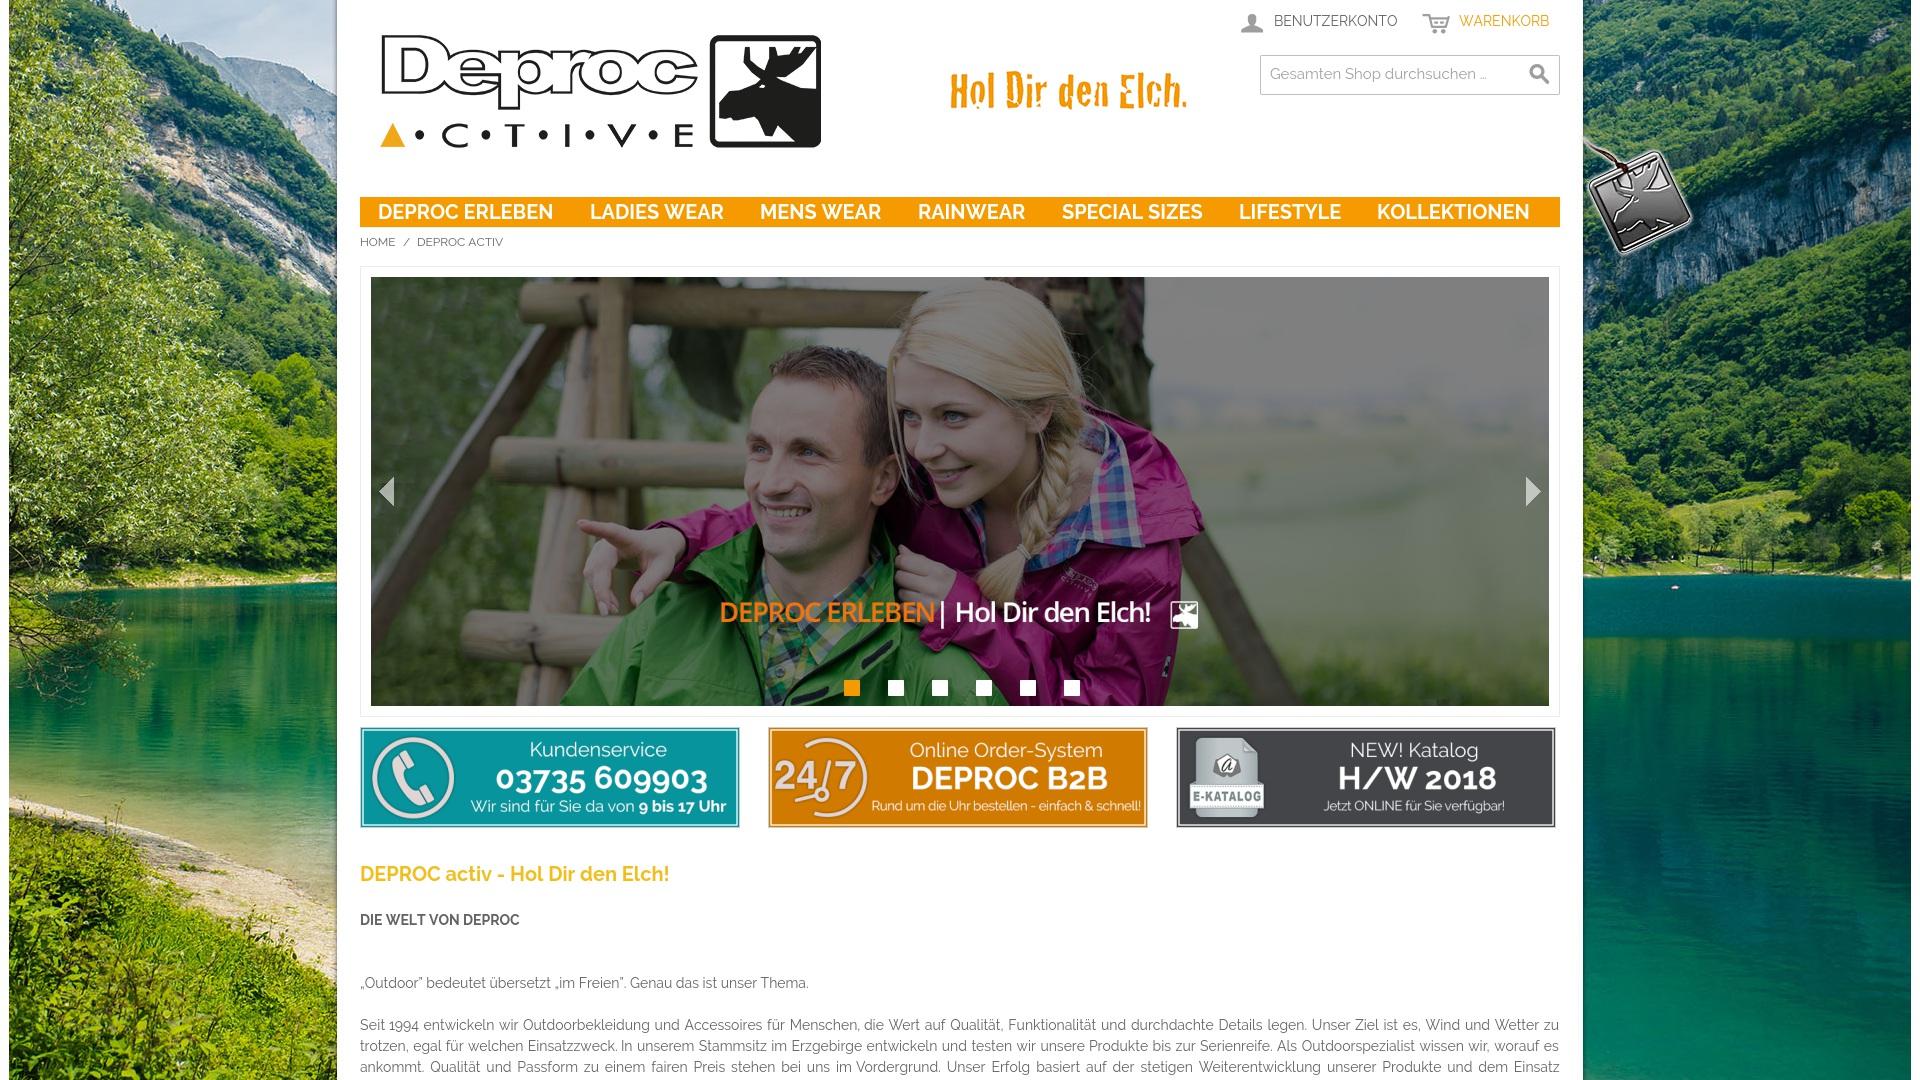 Gutschein für Deproc: Rabatte für  Deproc sichern